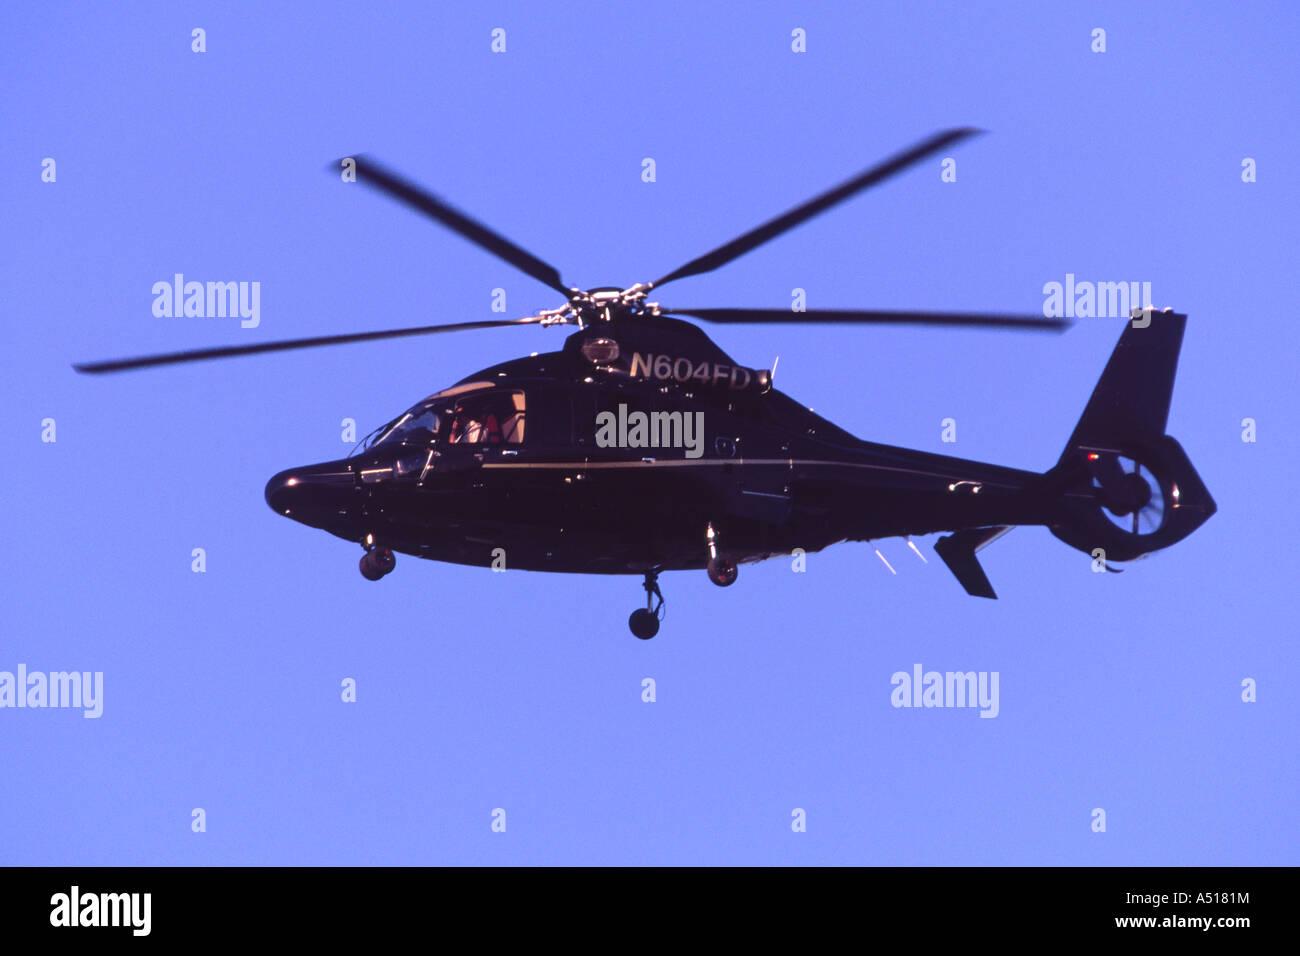 Eurocopter EC-155B landing at Luton Airport, UK - Stock Image